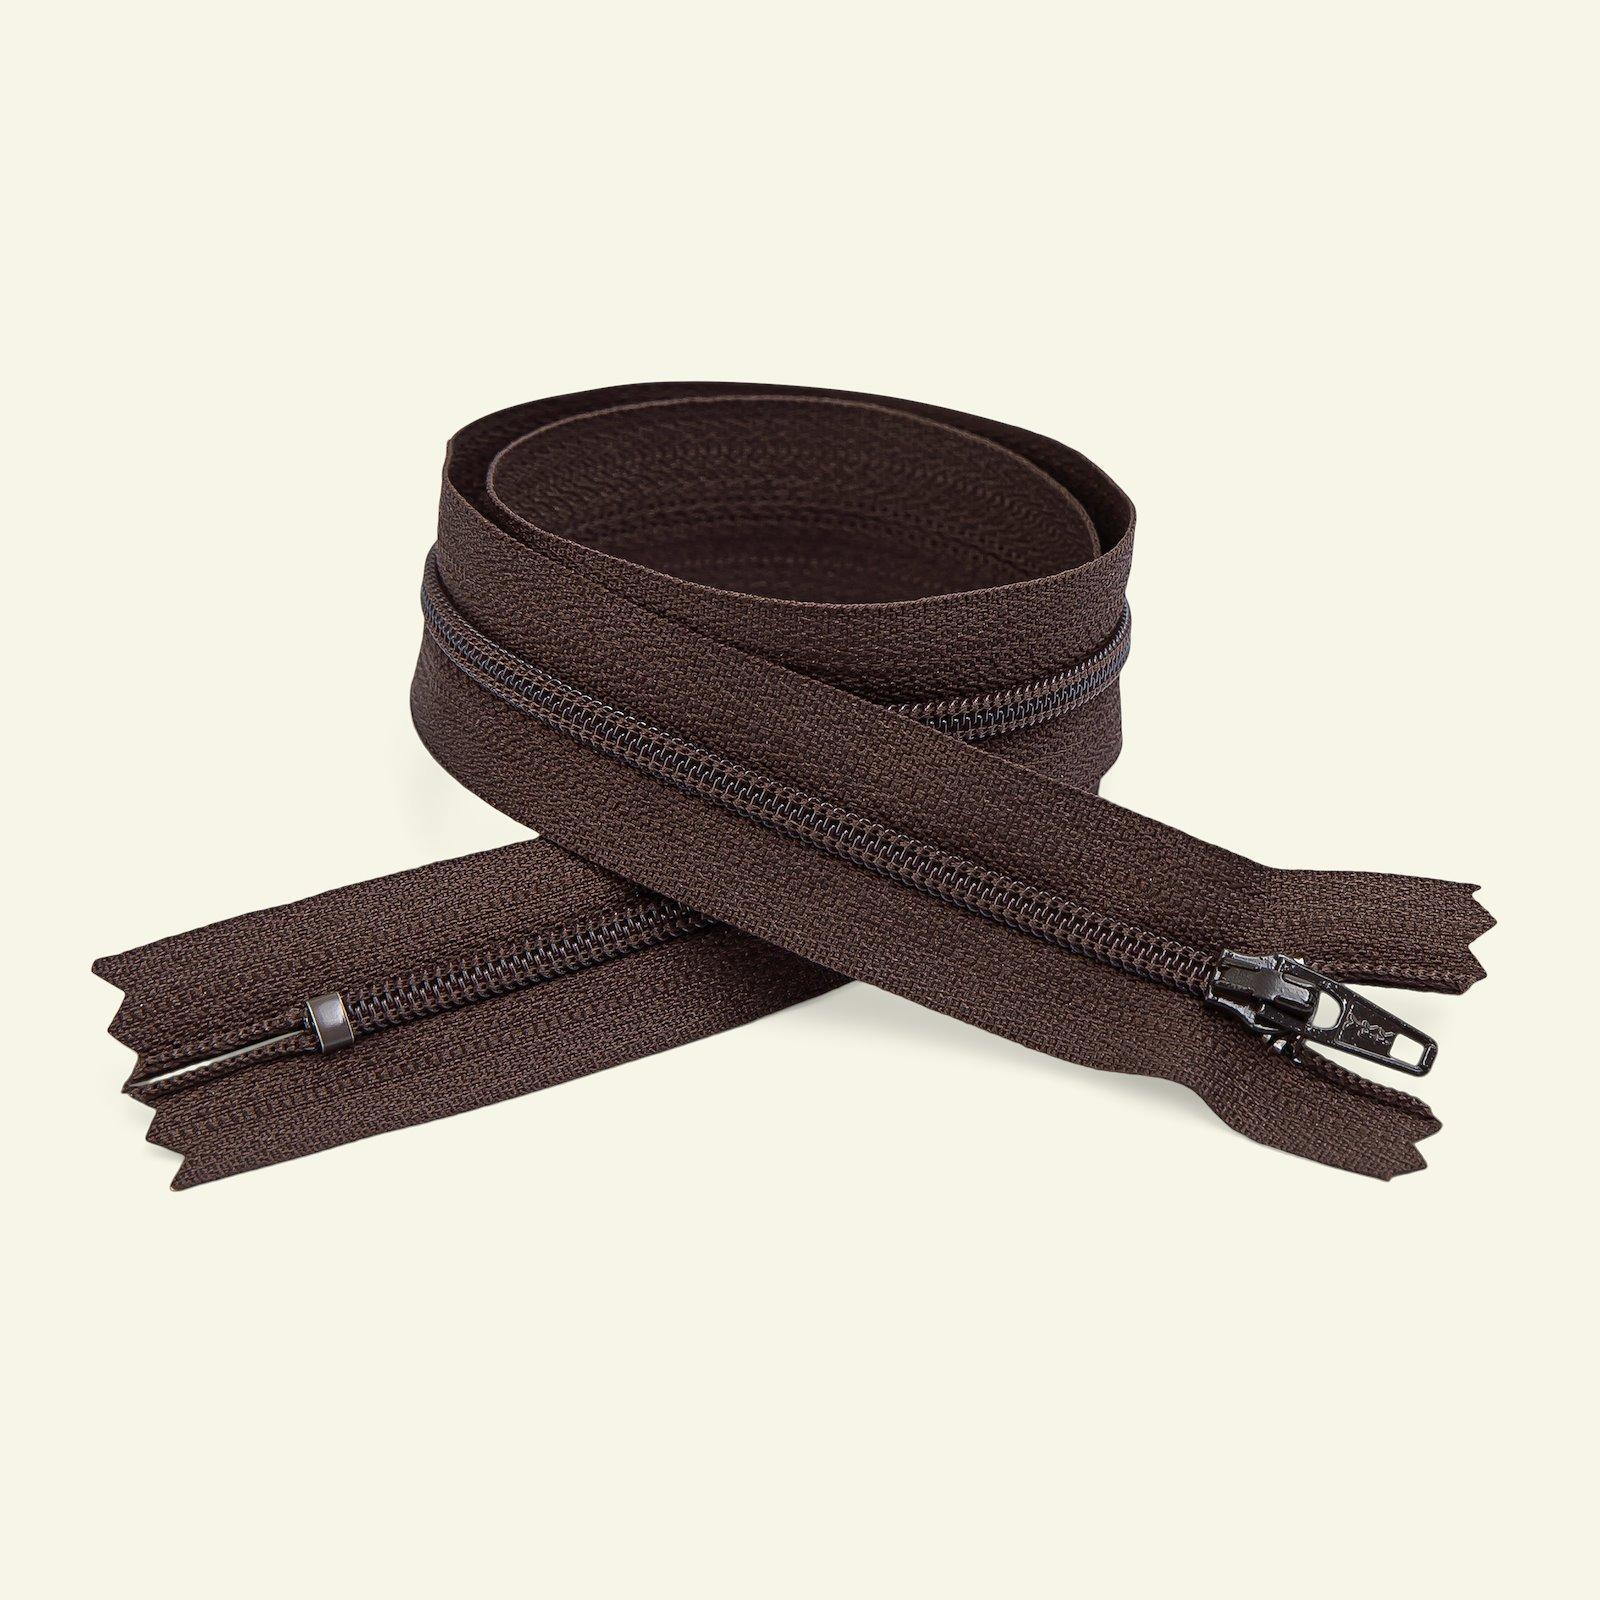 YKK zip 4mm closed end 45cm brown x40537_pack